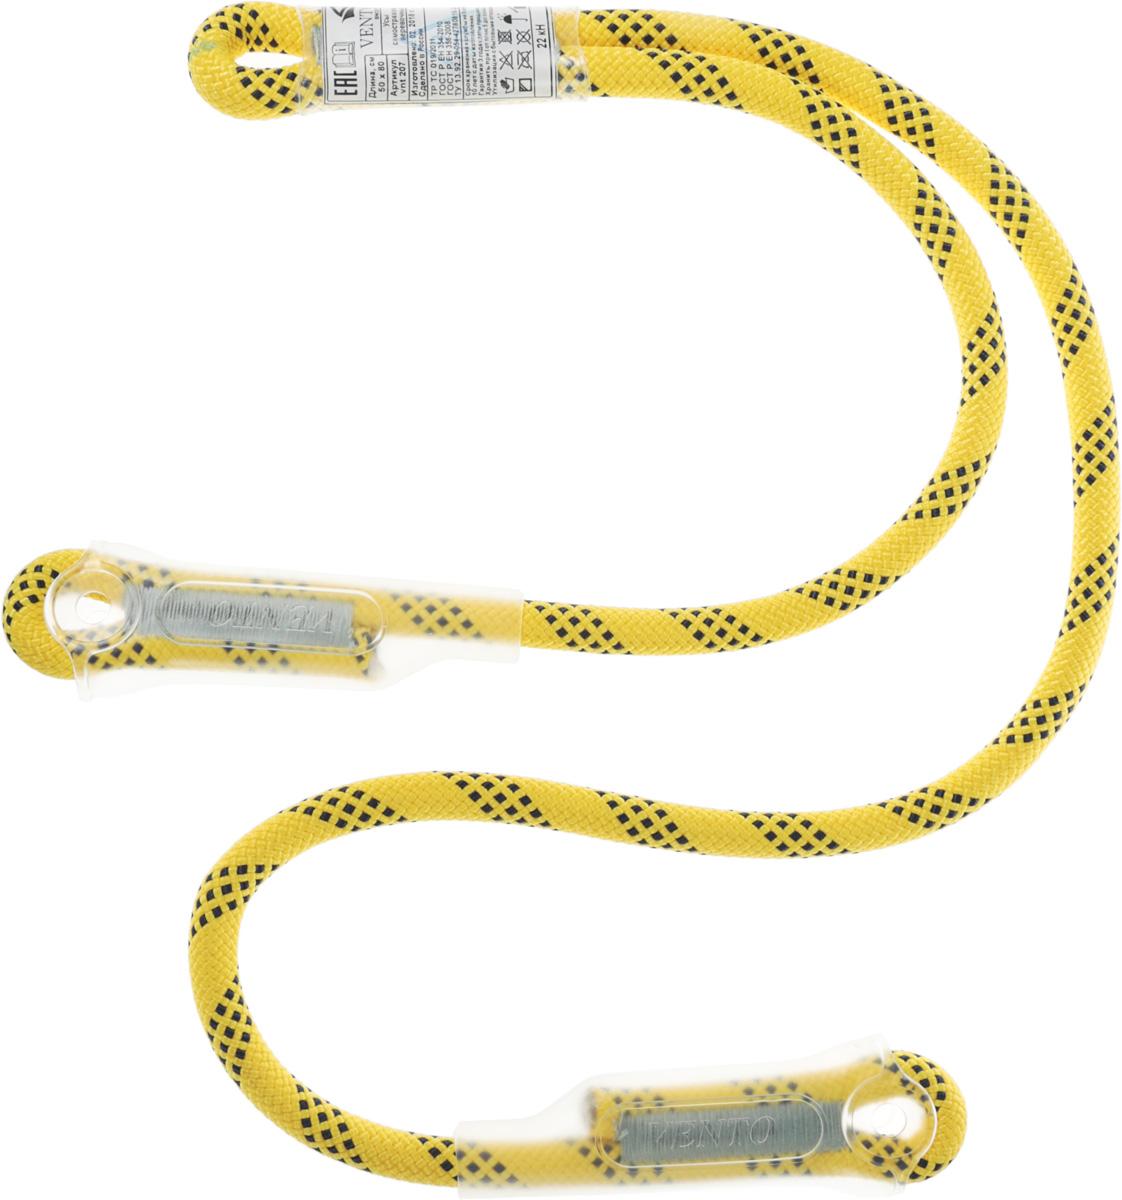 Усы самостраховки VENTO Веревочные, цвет: желтый, 50 х 80 см